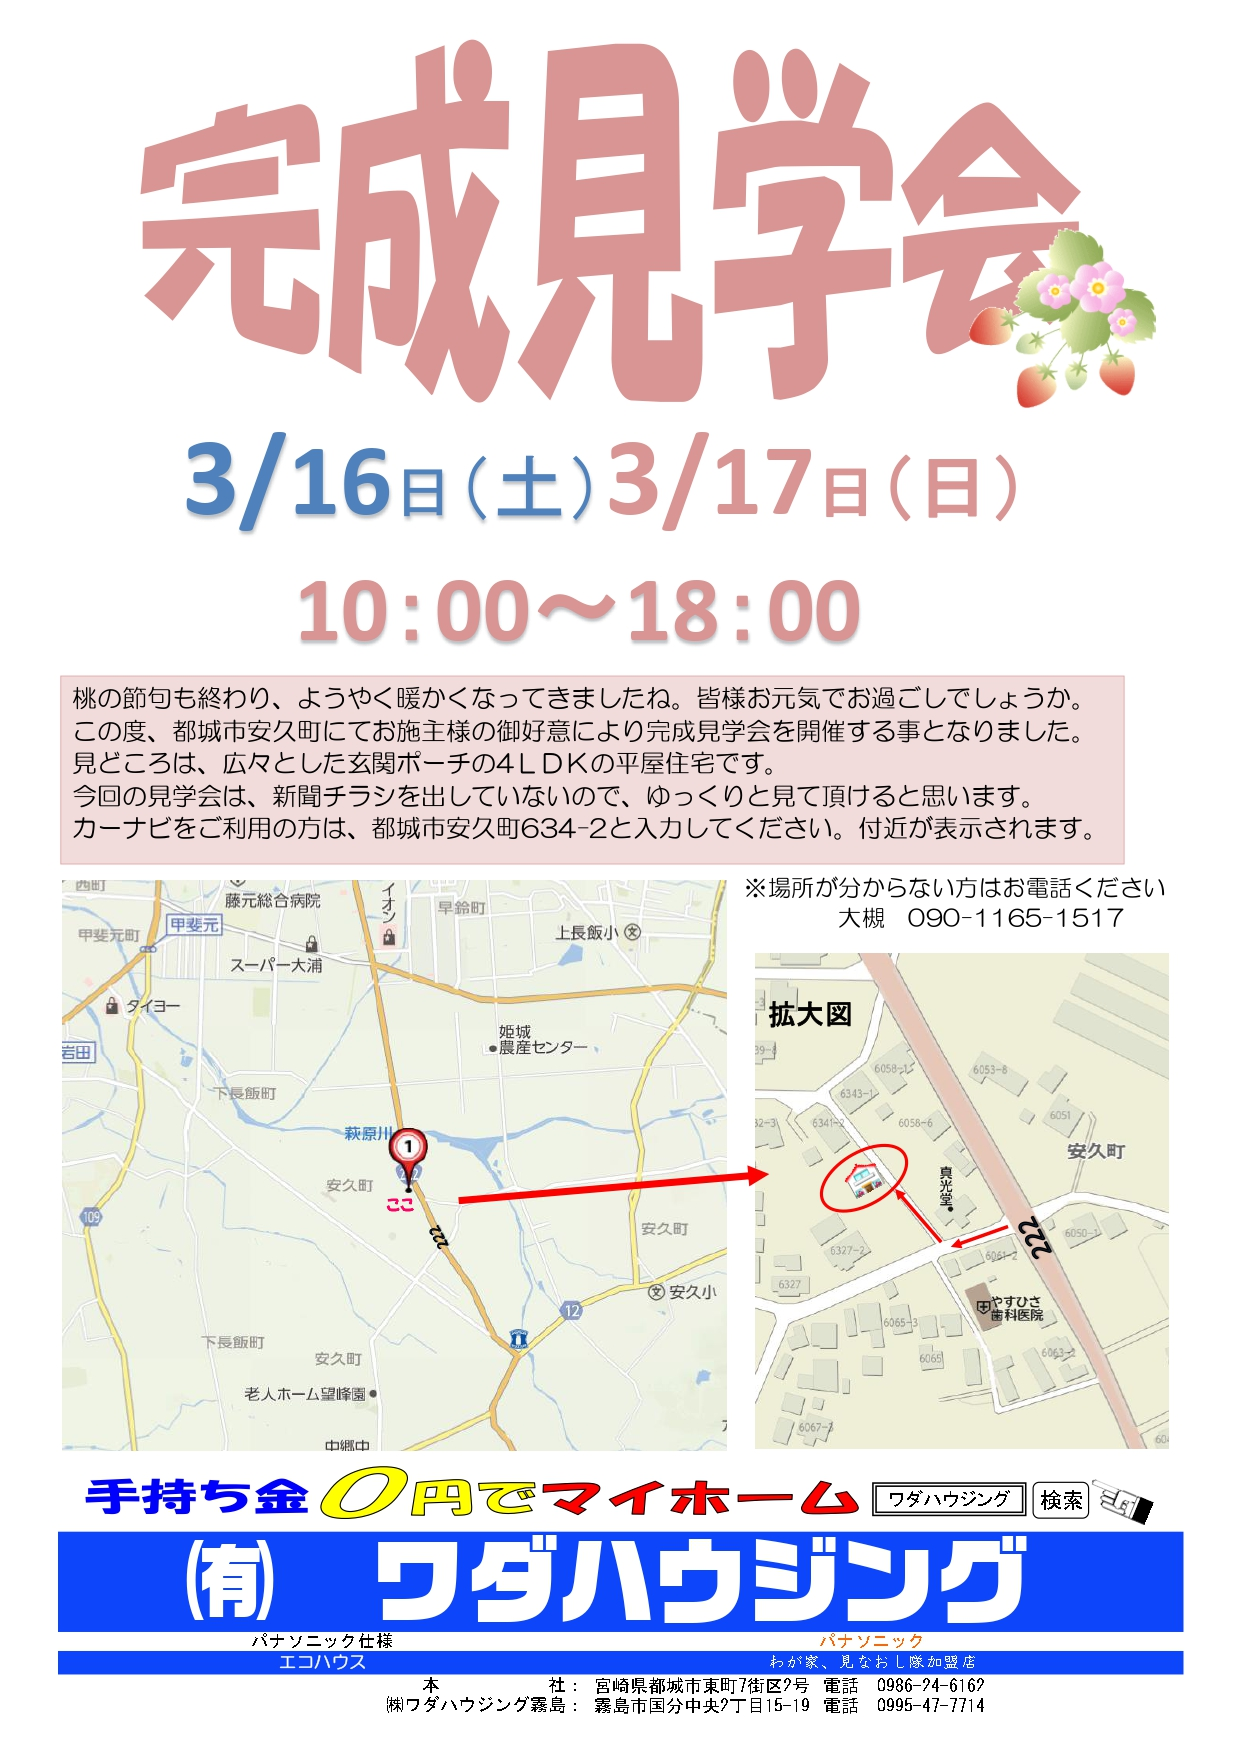 戸川邸_pages-to-jpg-0001